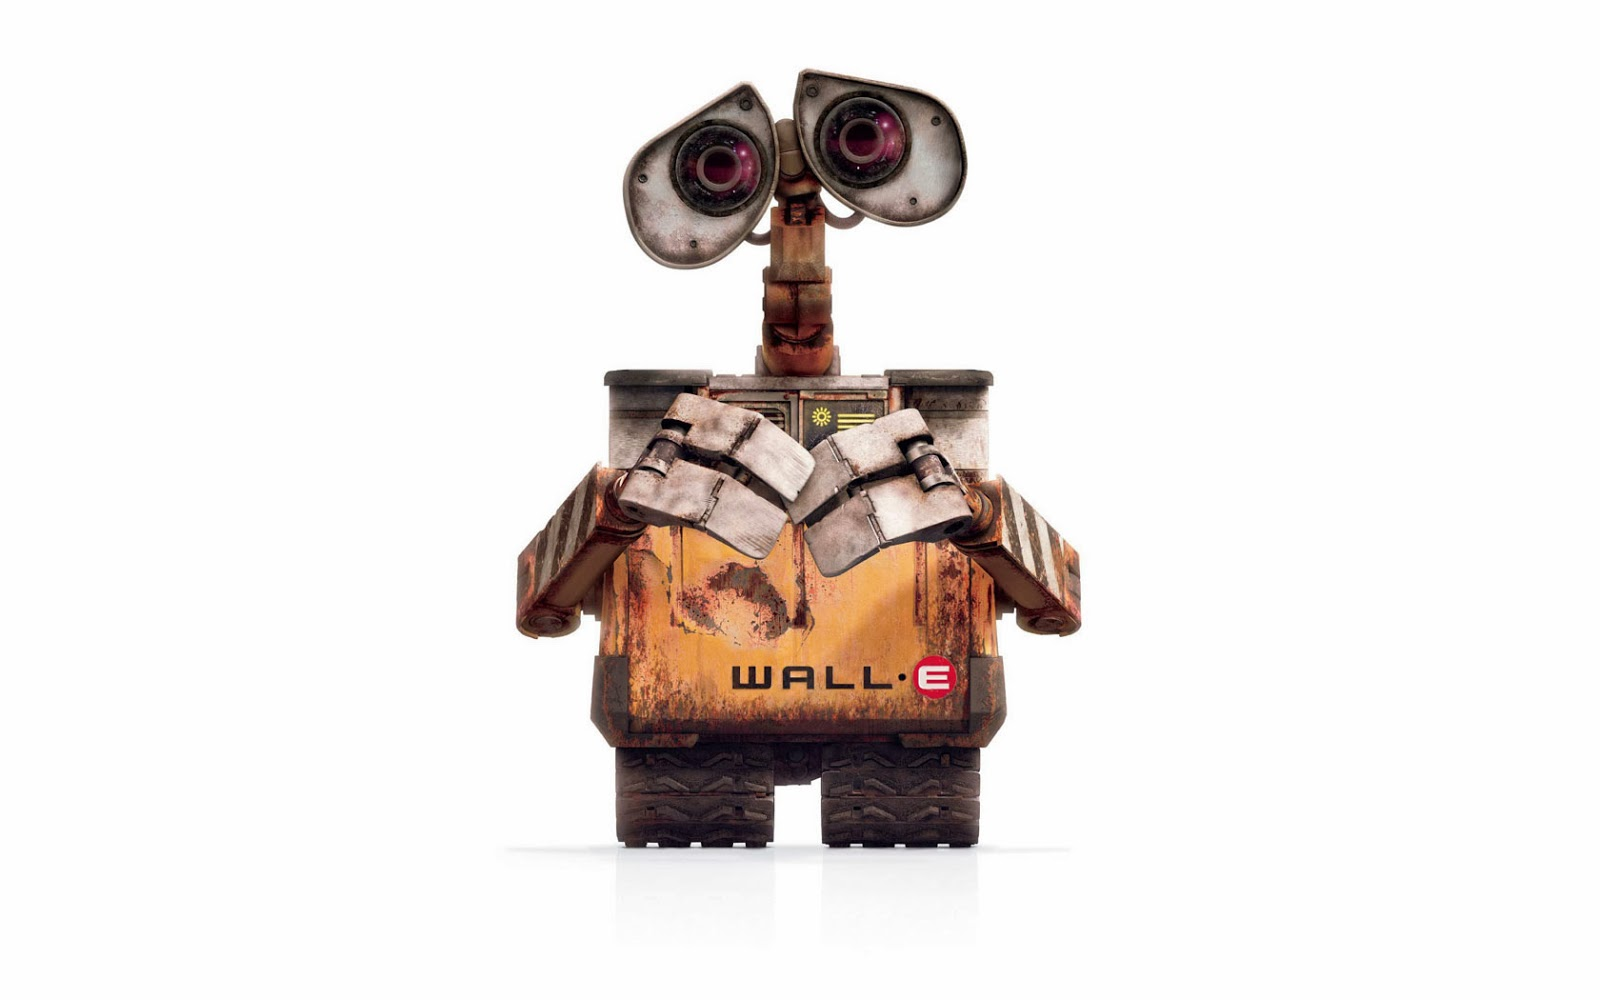 Wall-e soundtrack